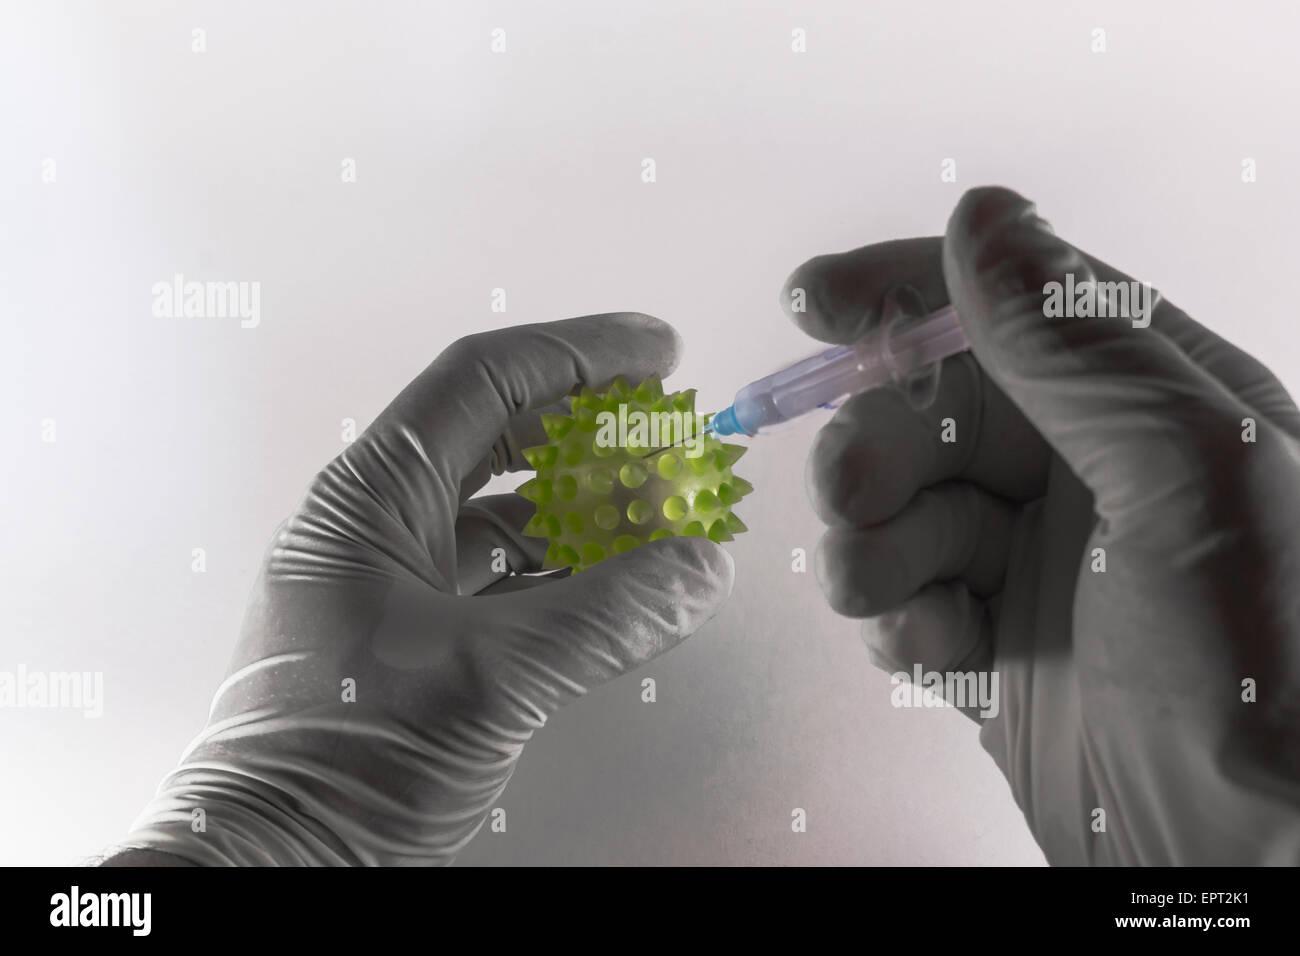 Dos manos revestido de látex inyectando una jeringa hipodérmica en una gran virus verdes sobre fondo blanco. Foto de stock